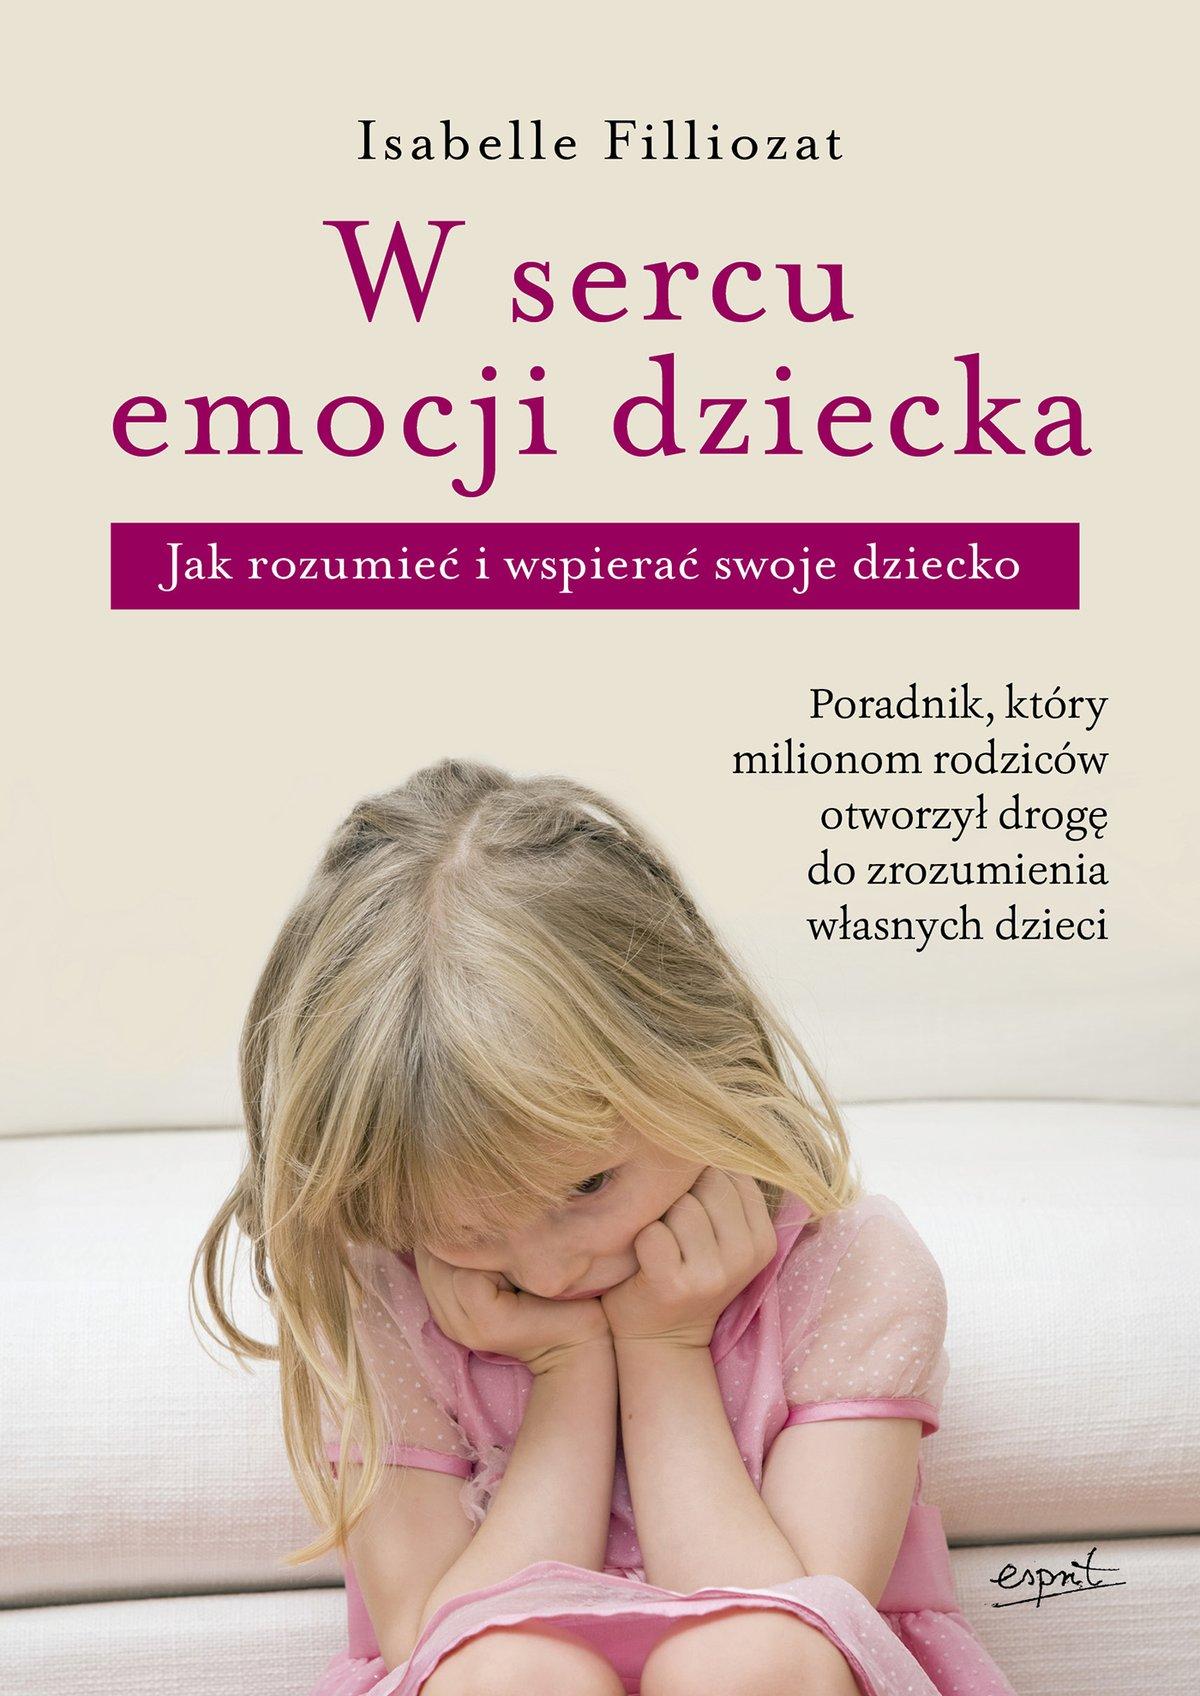 W sercu emocji dziecka - Ebook (Książka na Kindle) do pobrania w formacie MOBI